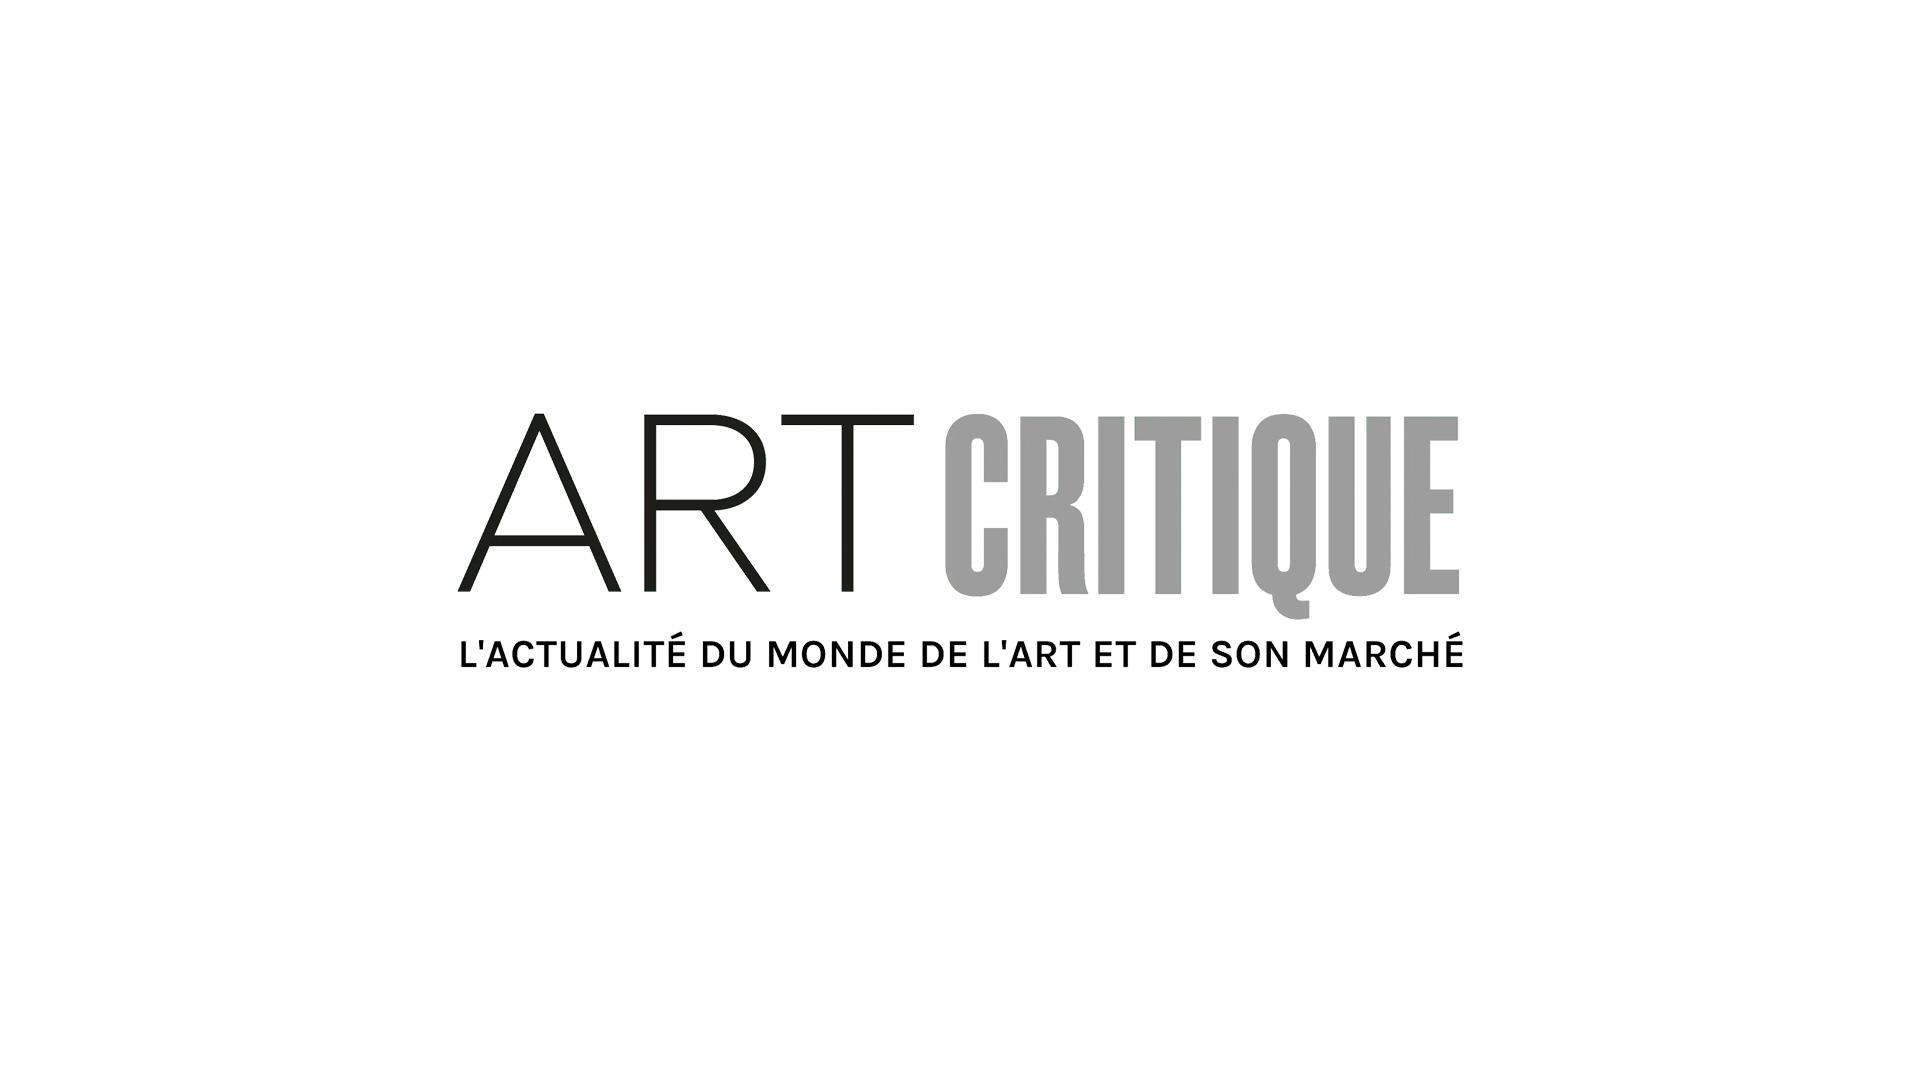 Picasso, fan de bande dessinée!